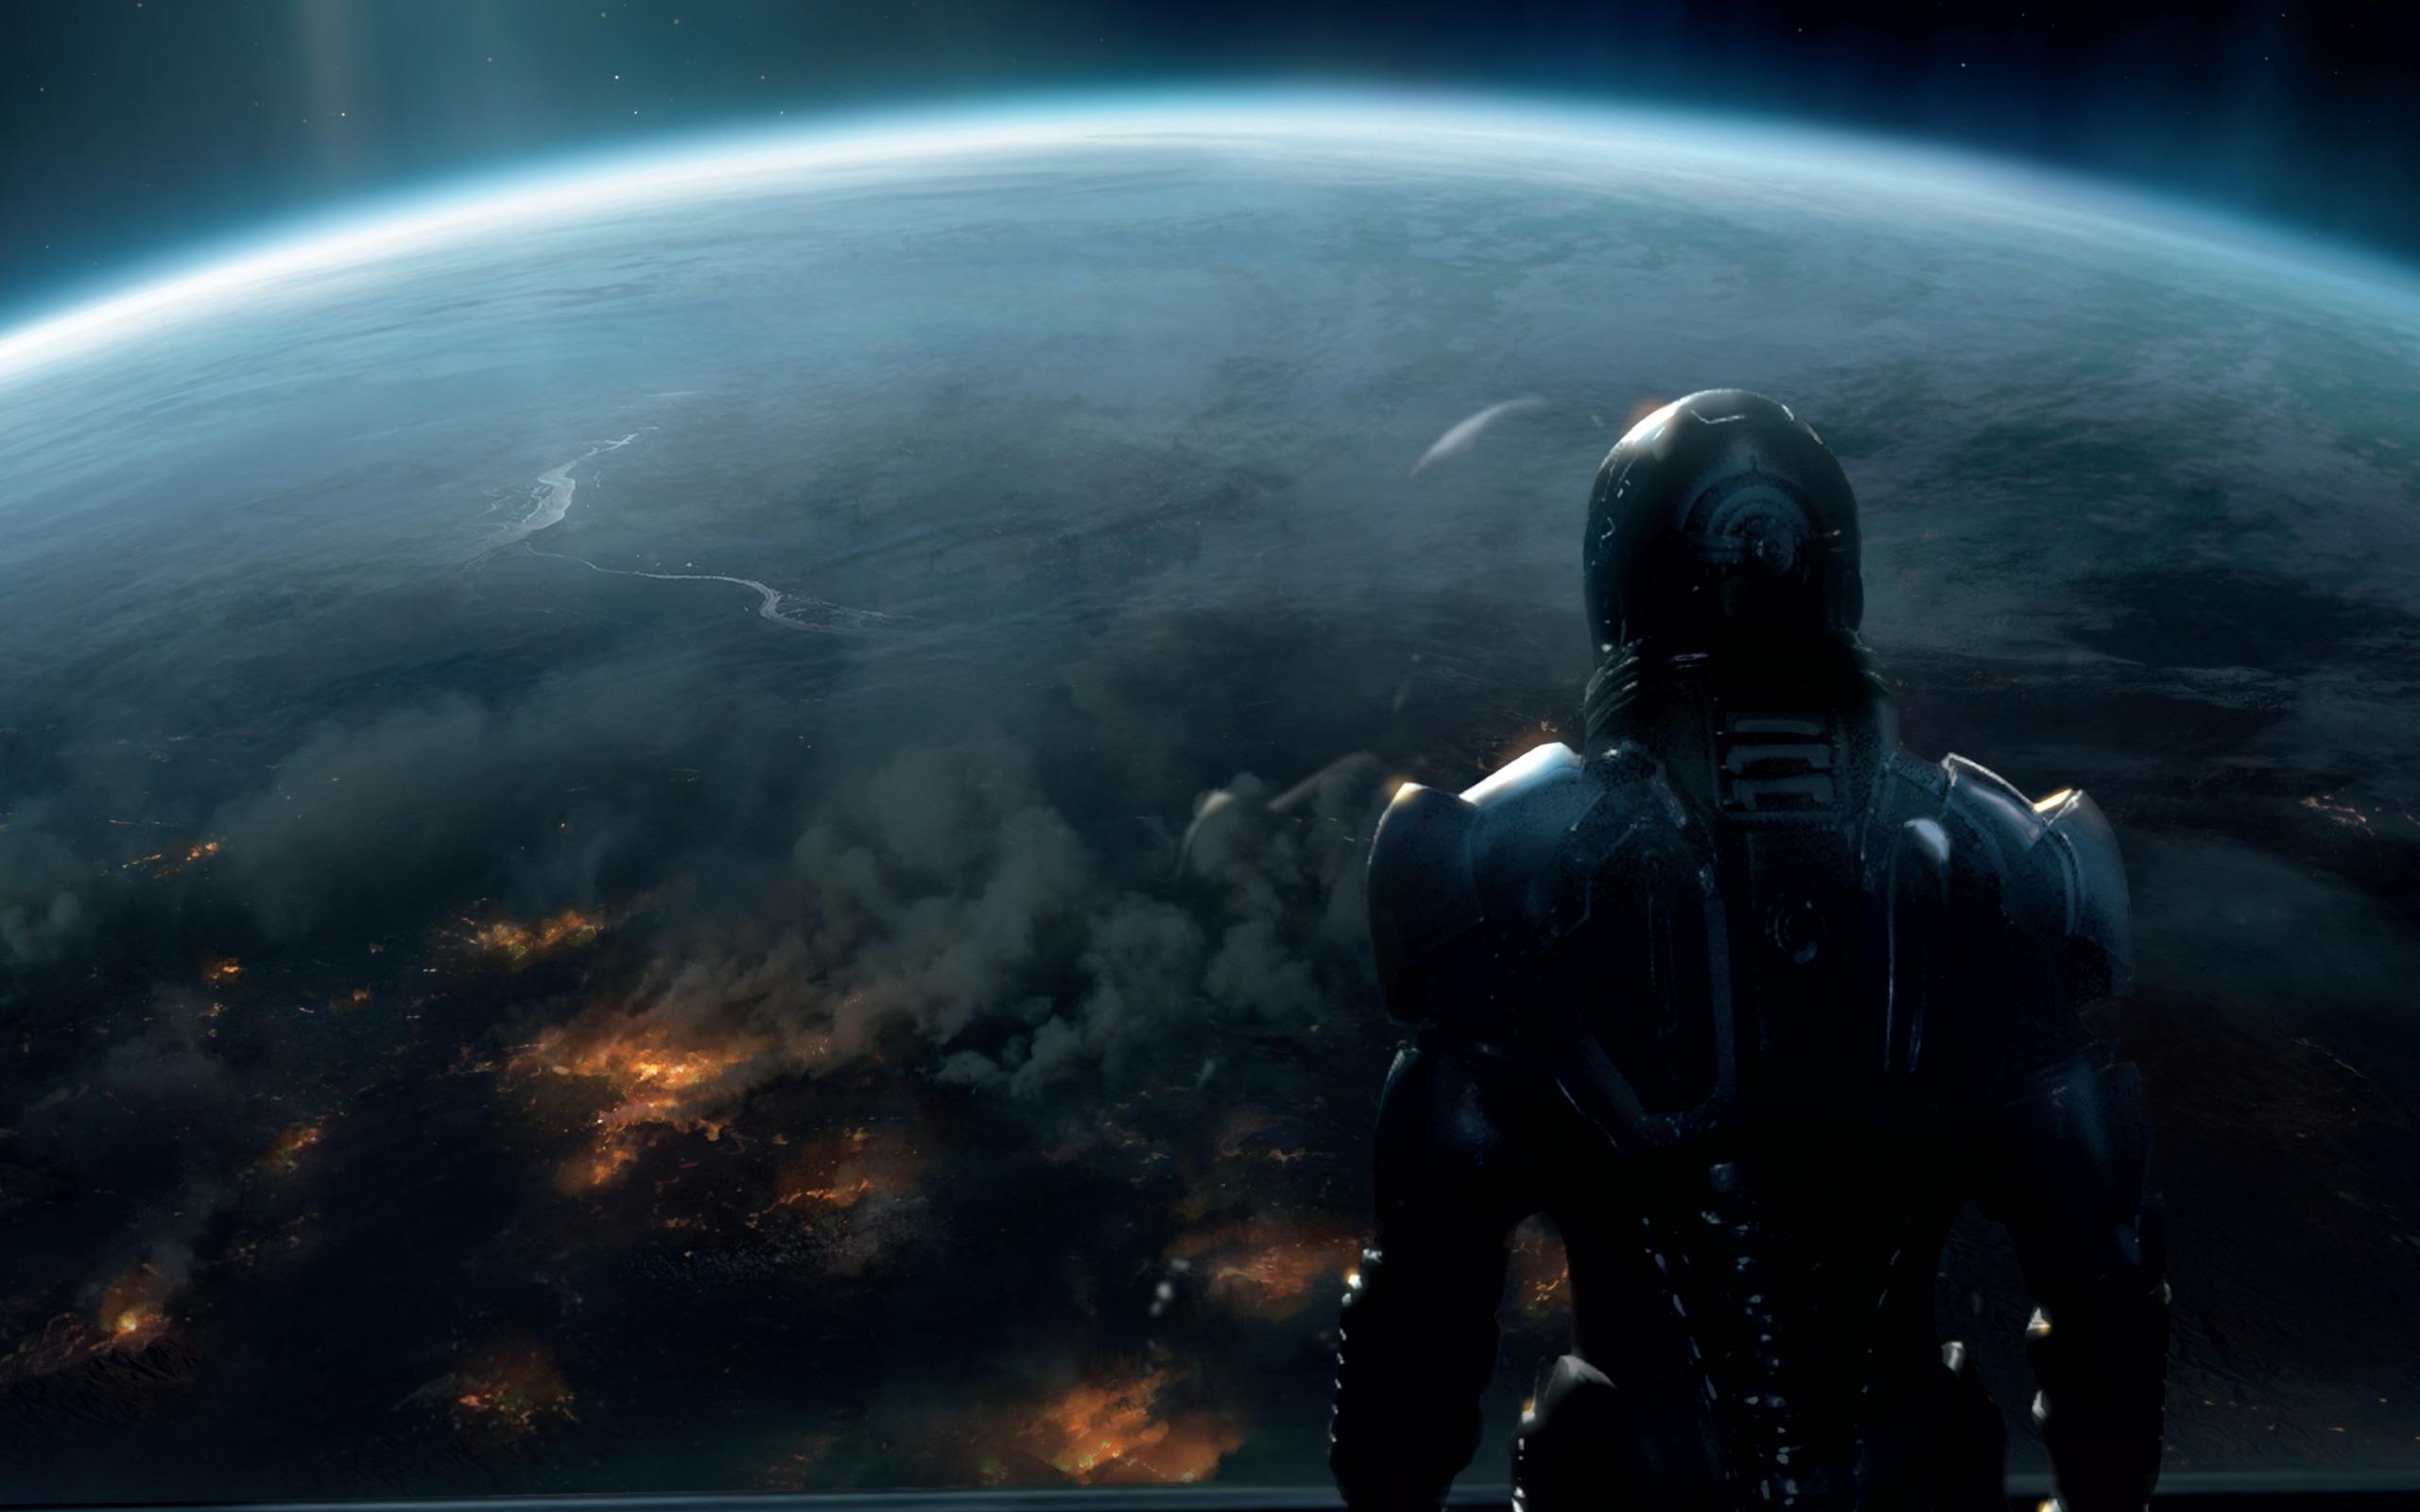 картинка космического воина салоны россии адресами